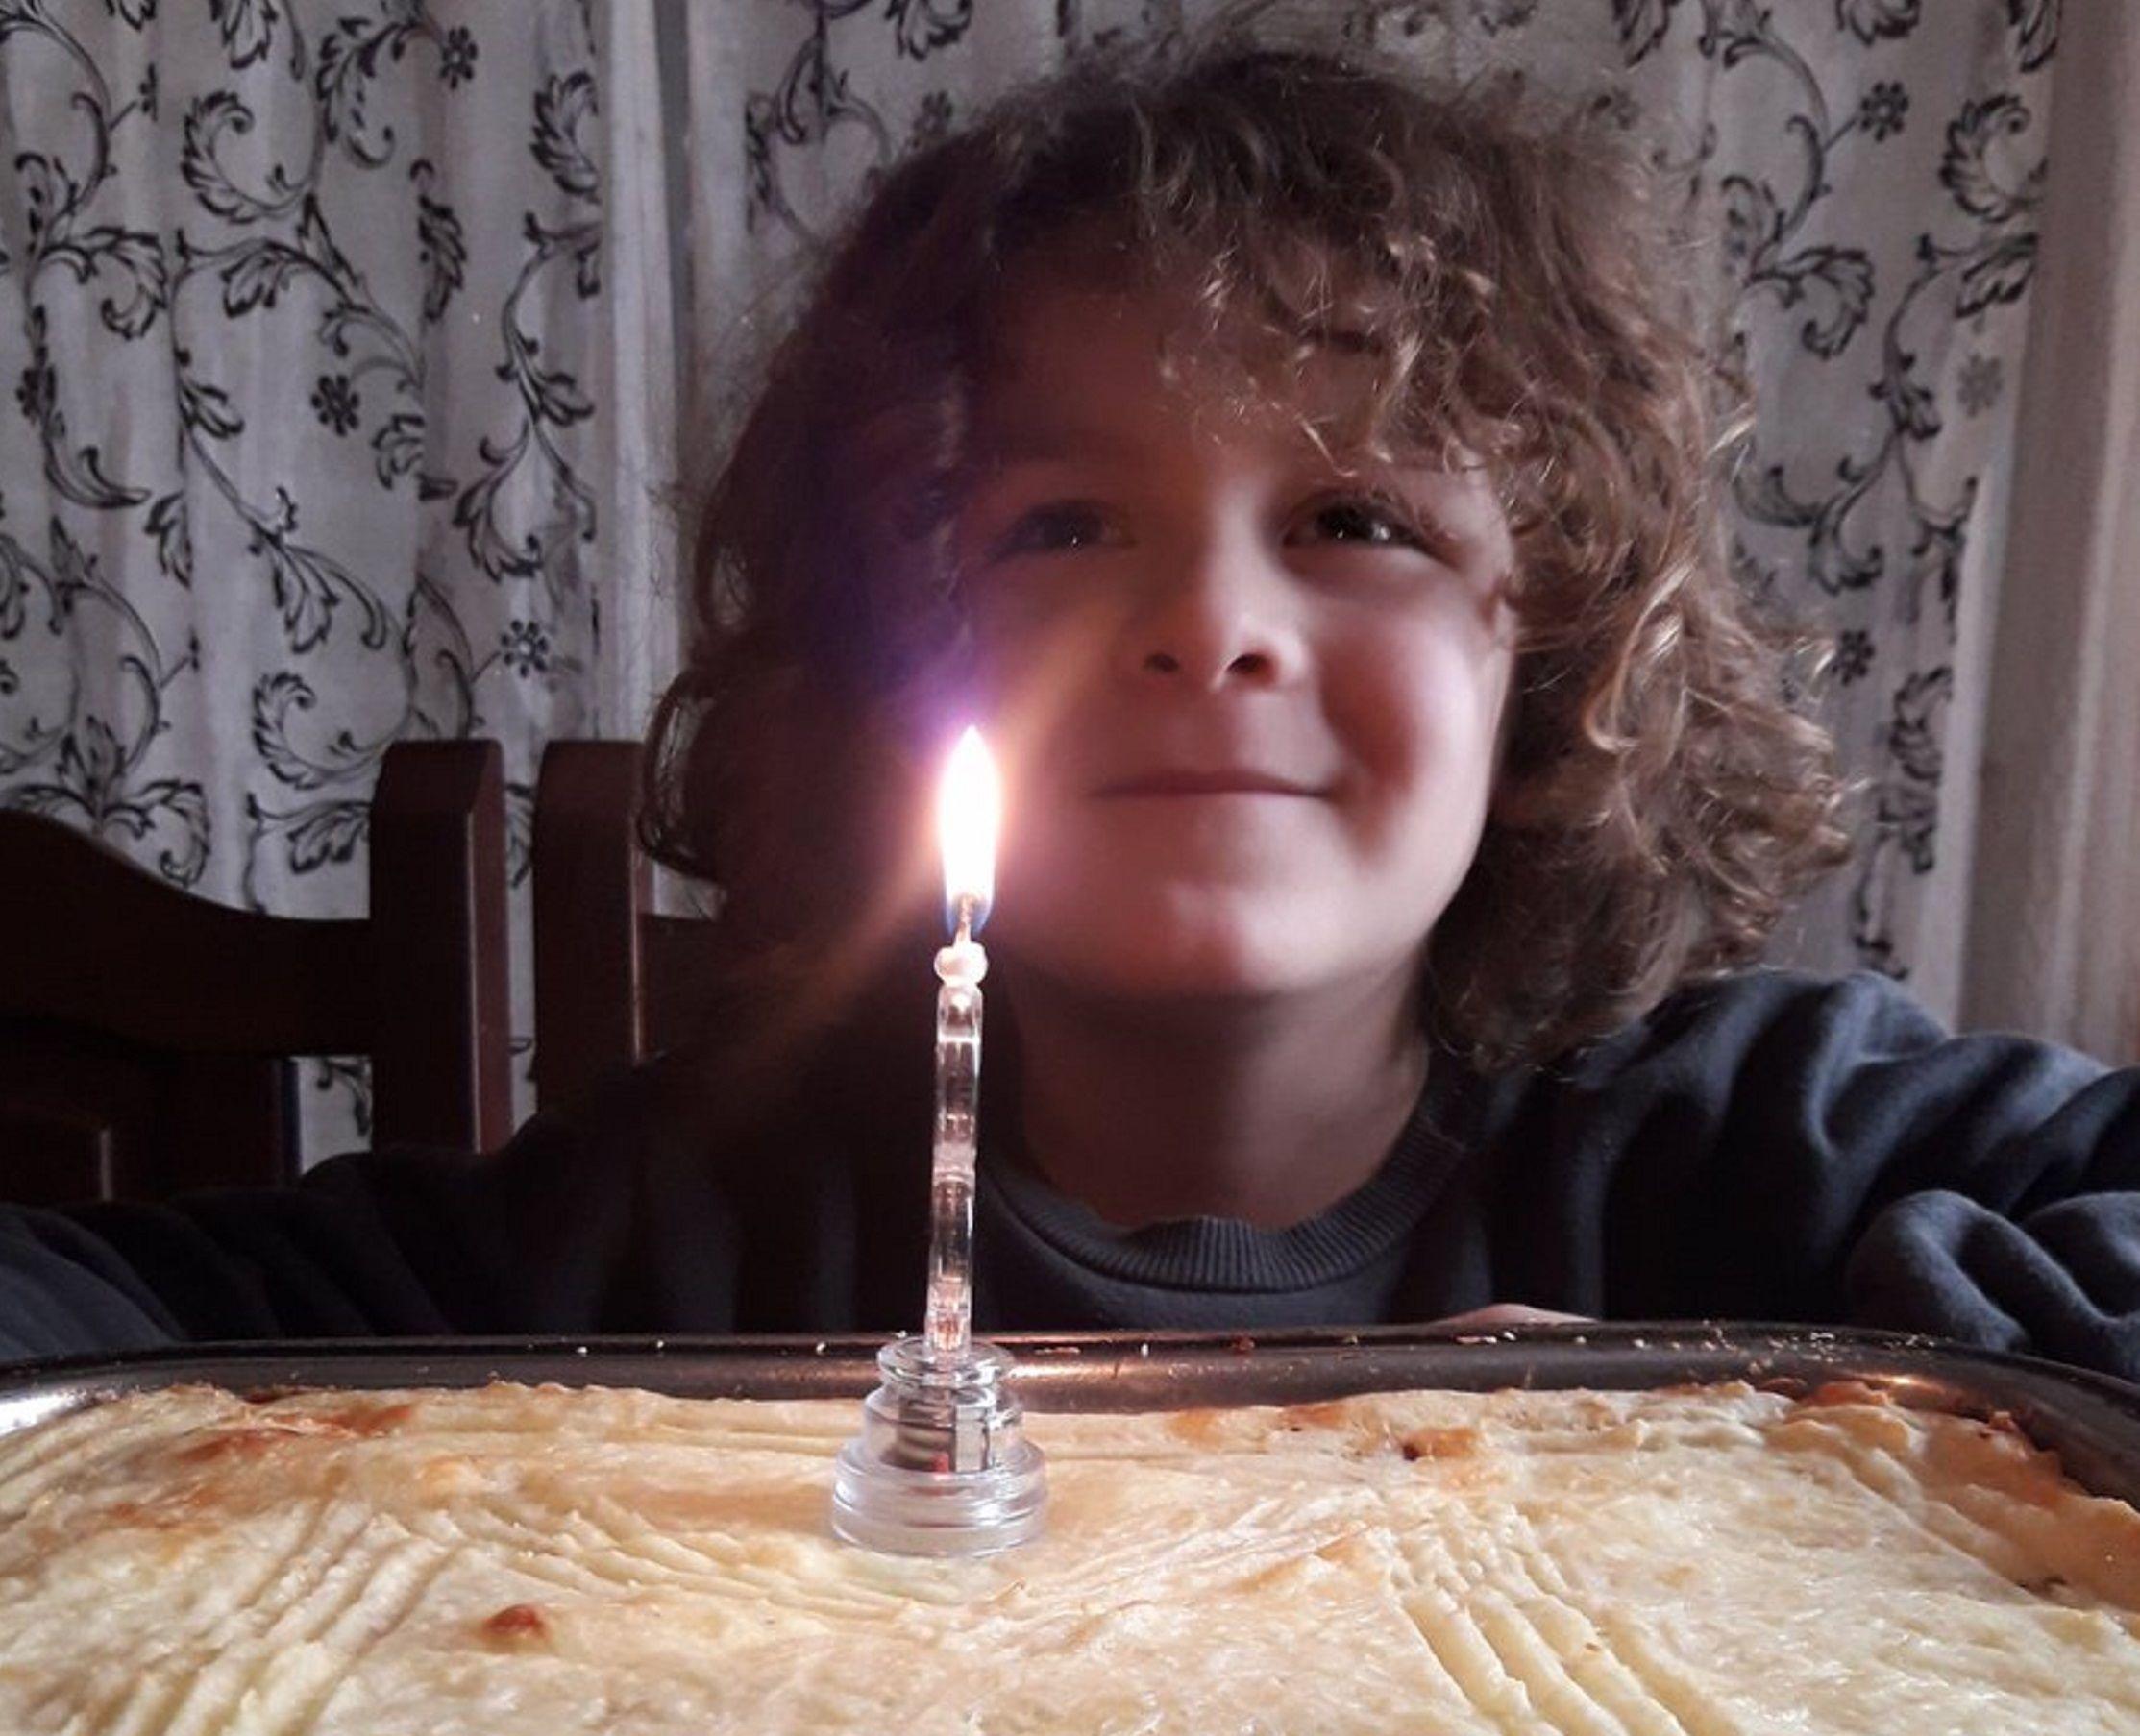 De no creer: un nene pidió una torta diferente para su cumpleaños y su deseo se viralizó